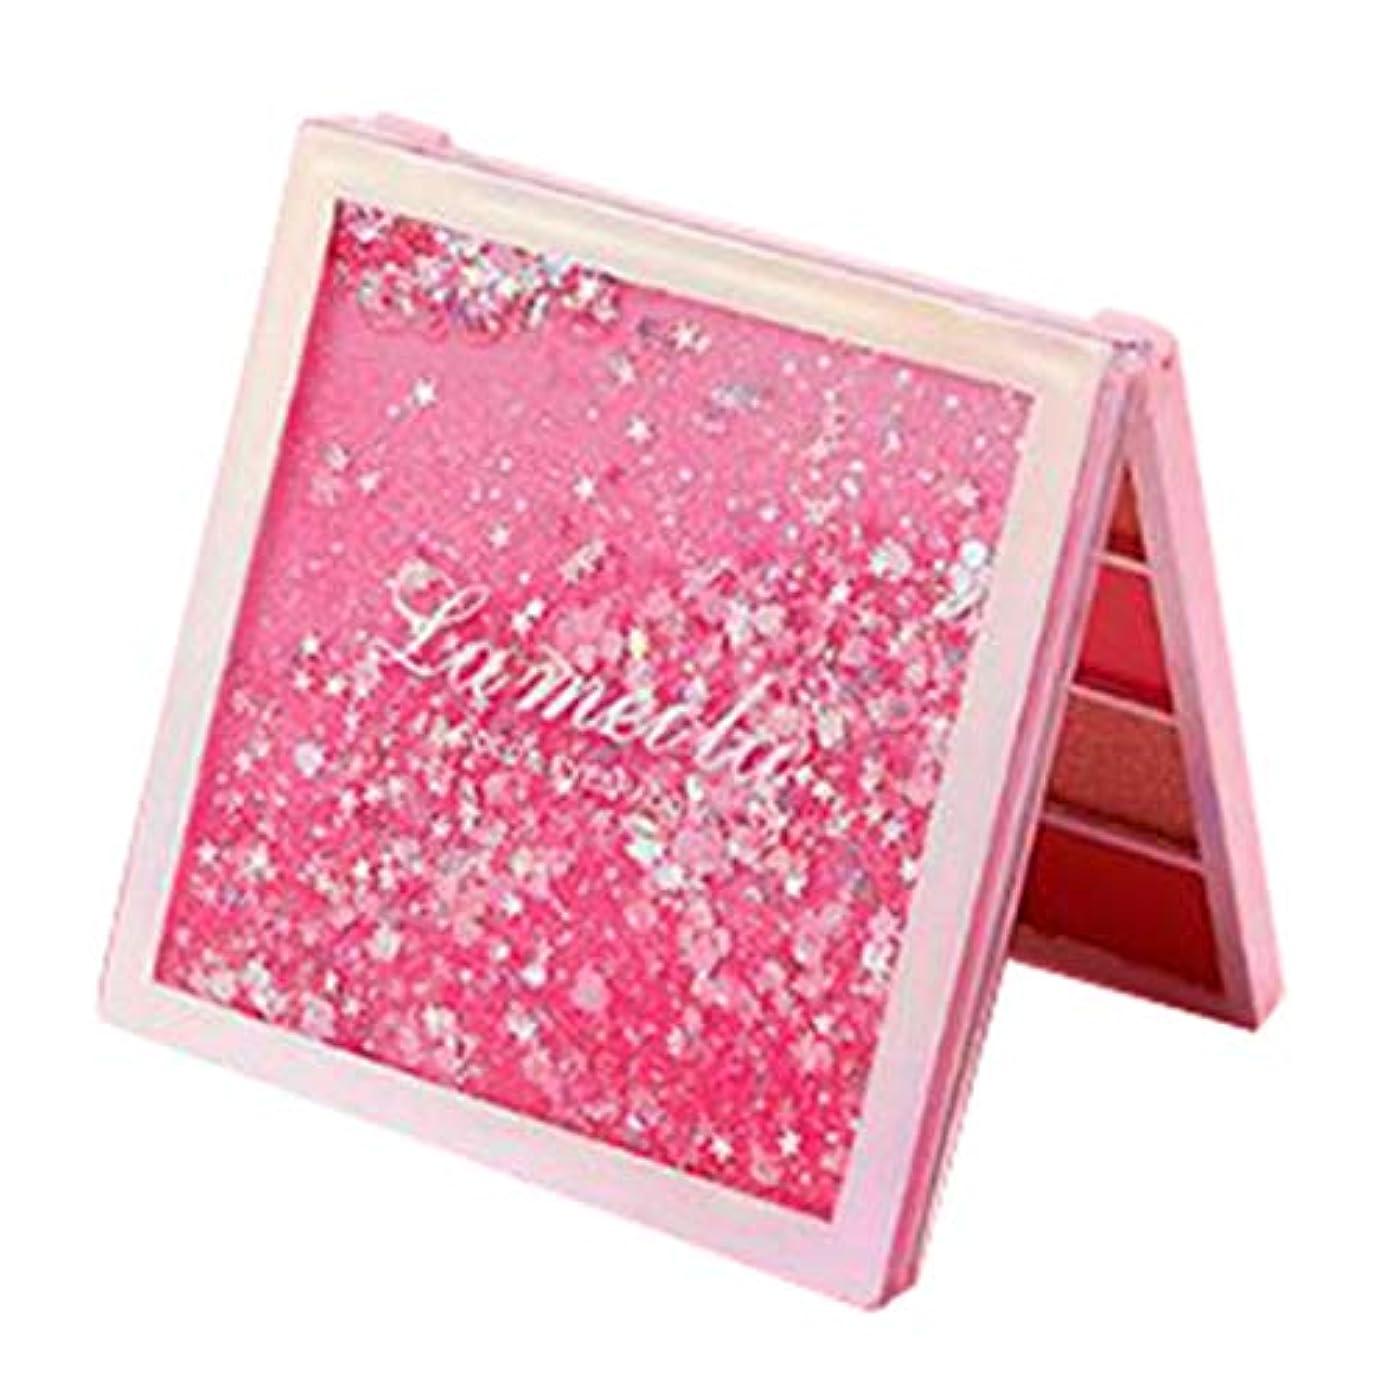 怠娯楽僕の12色 アイシャドウ アイシャドウパレット メイクアップパレット マット キラキラ 色付けしやすい 長持ち 防水 - ピンク